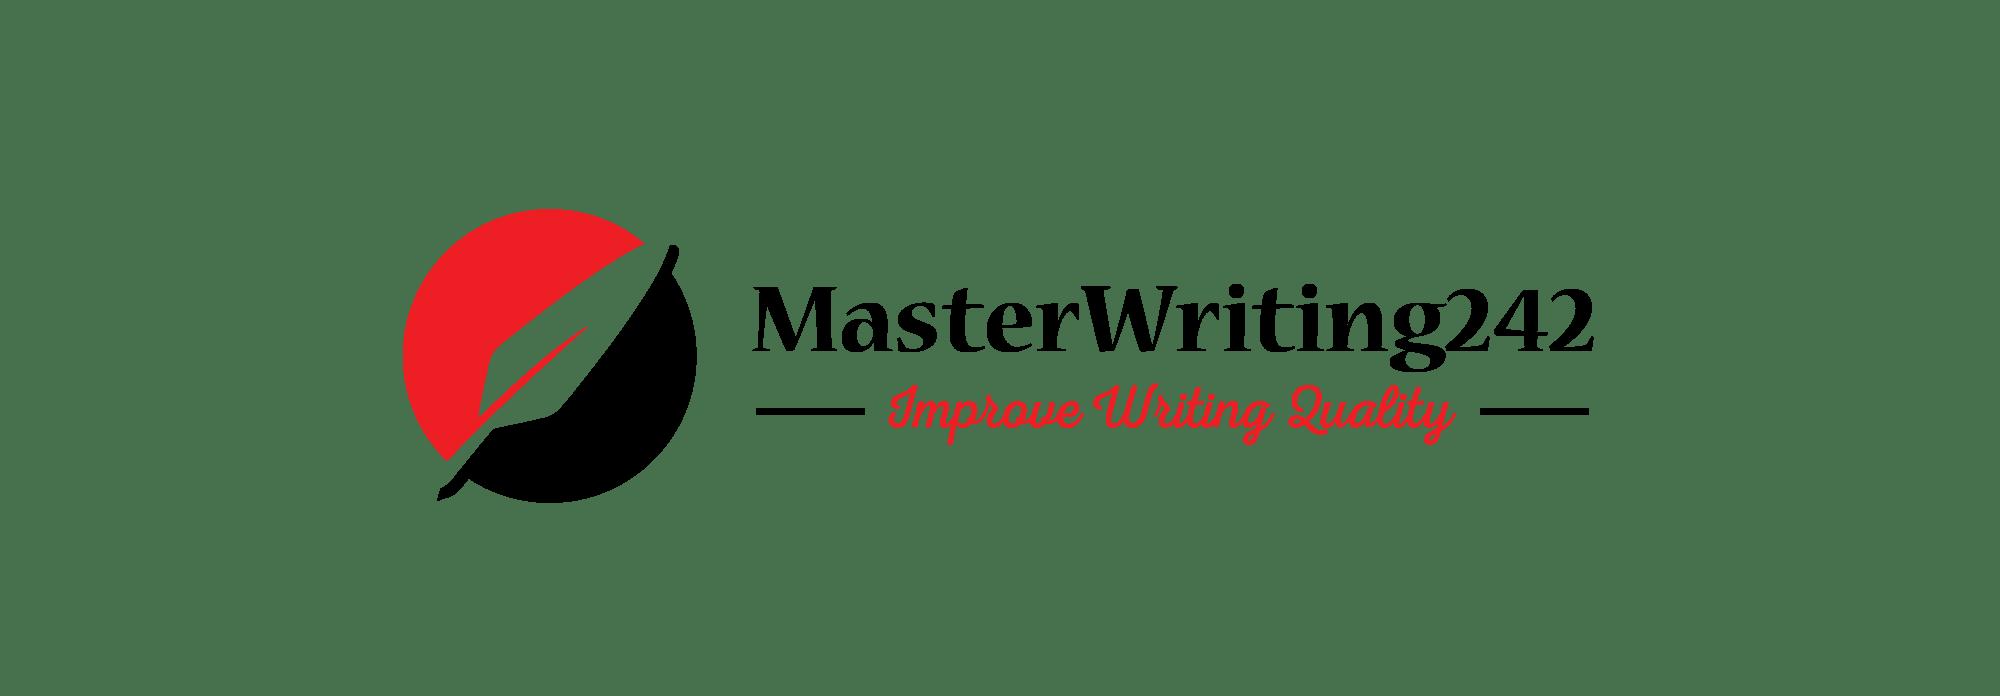 MasterWriting